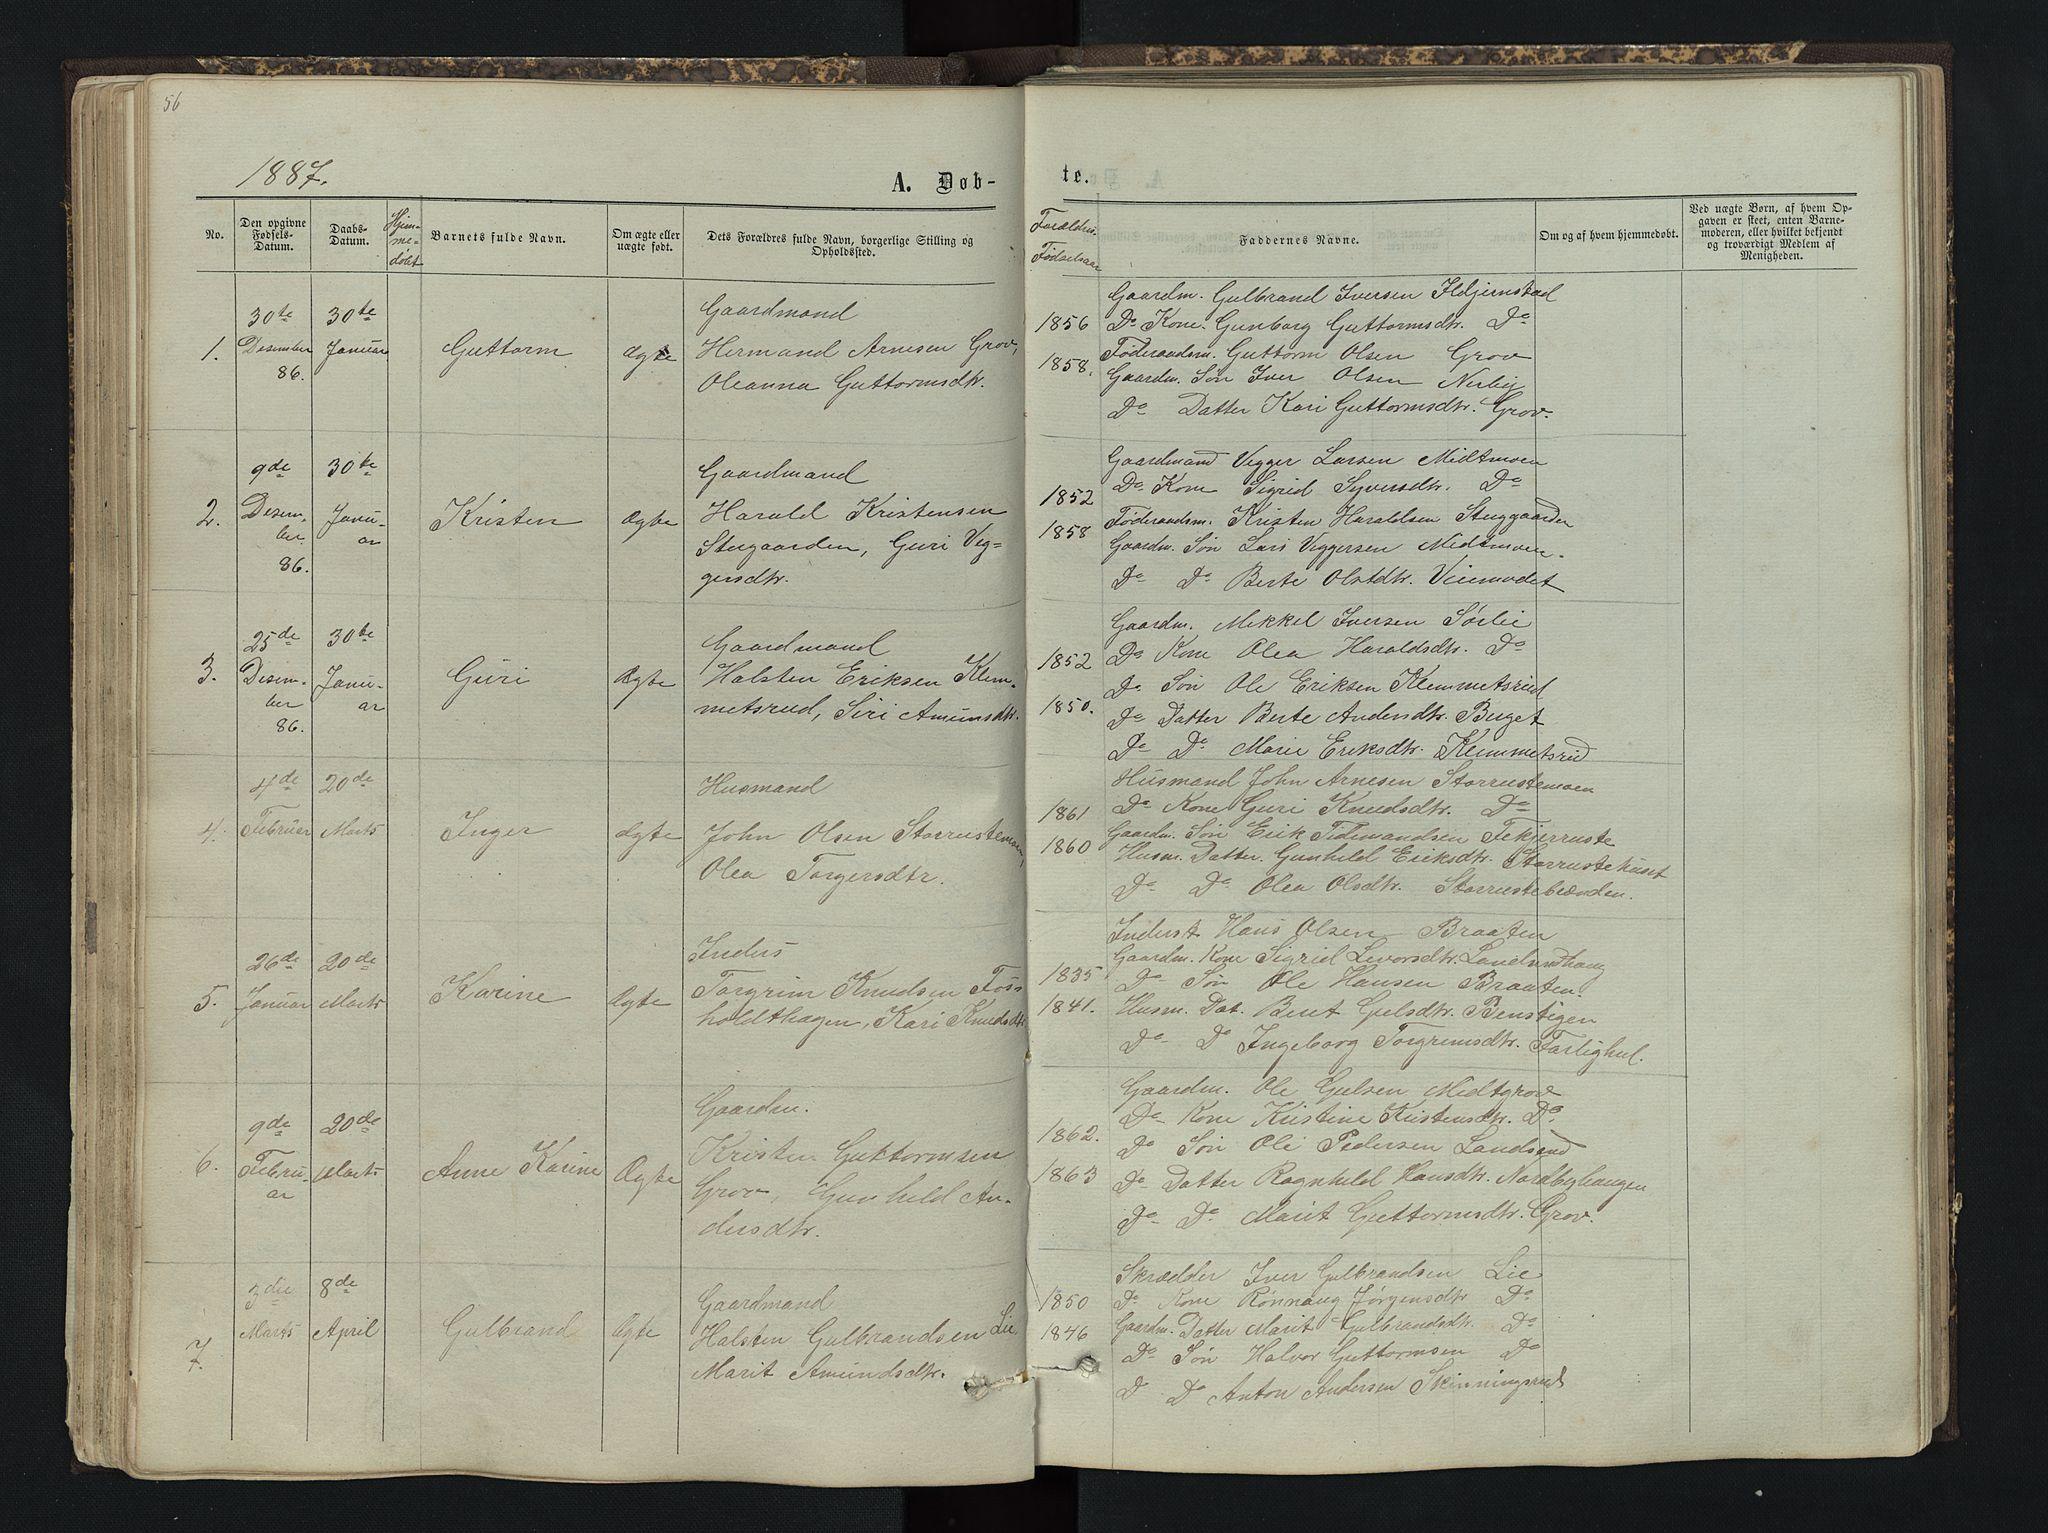 SAH, Sør-Aurdal prestekontor, Klokkerbok nr. 4, 1865-1893, s. 56